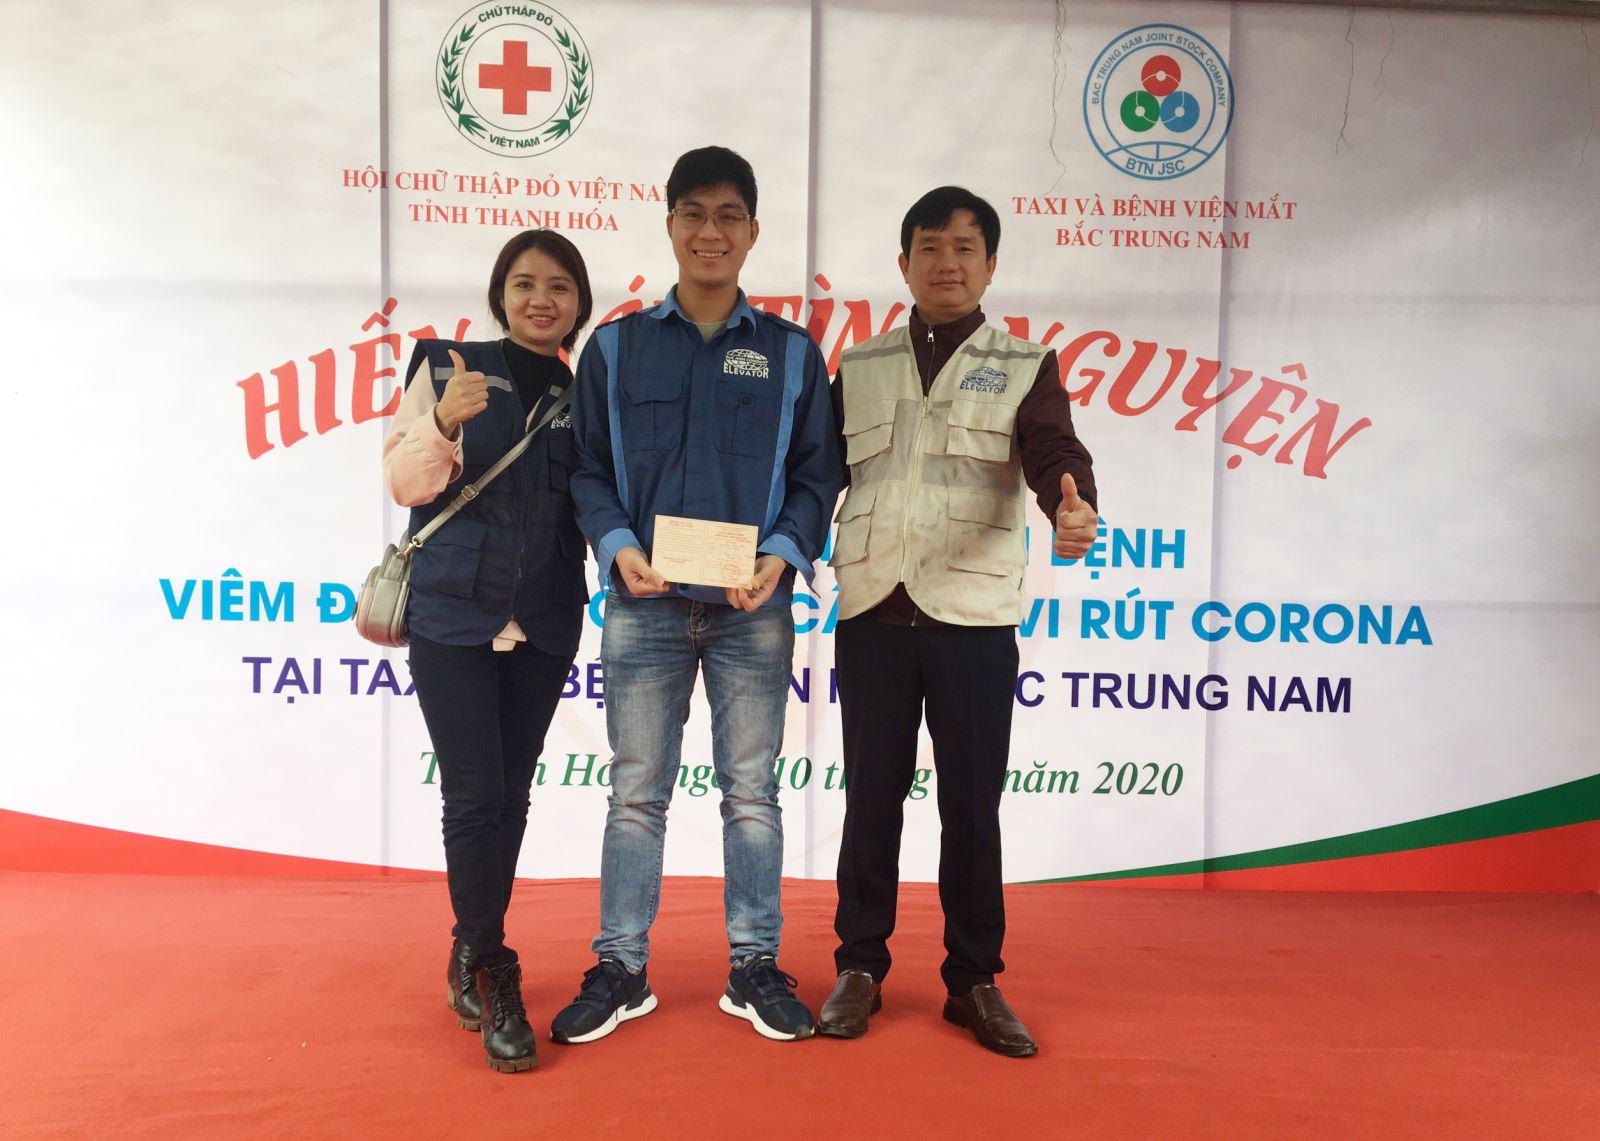 hiến máu tình nguyện đợt dịch corona 2020